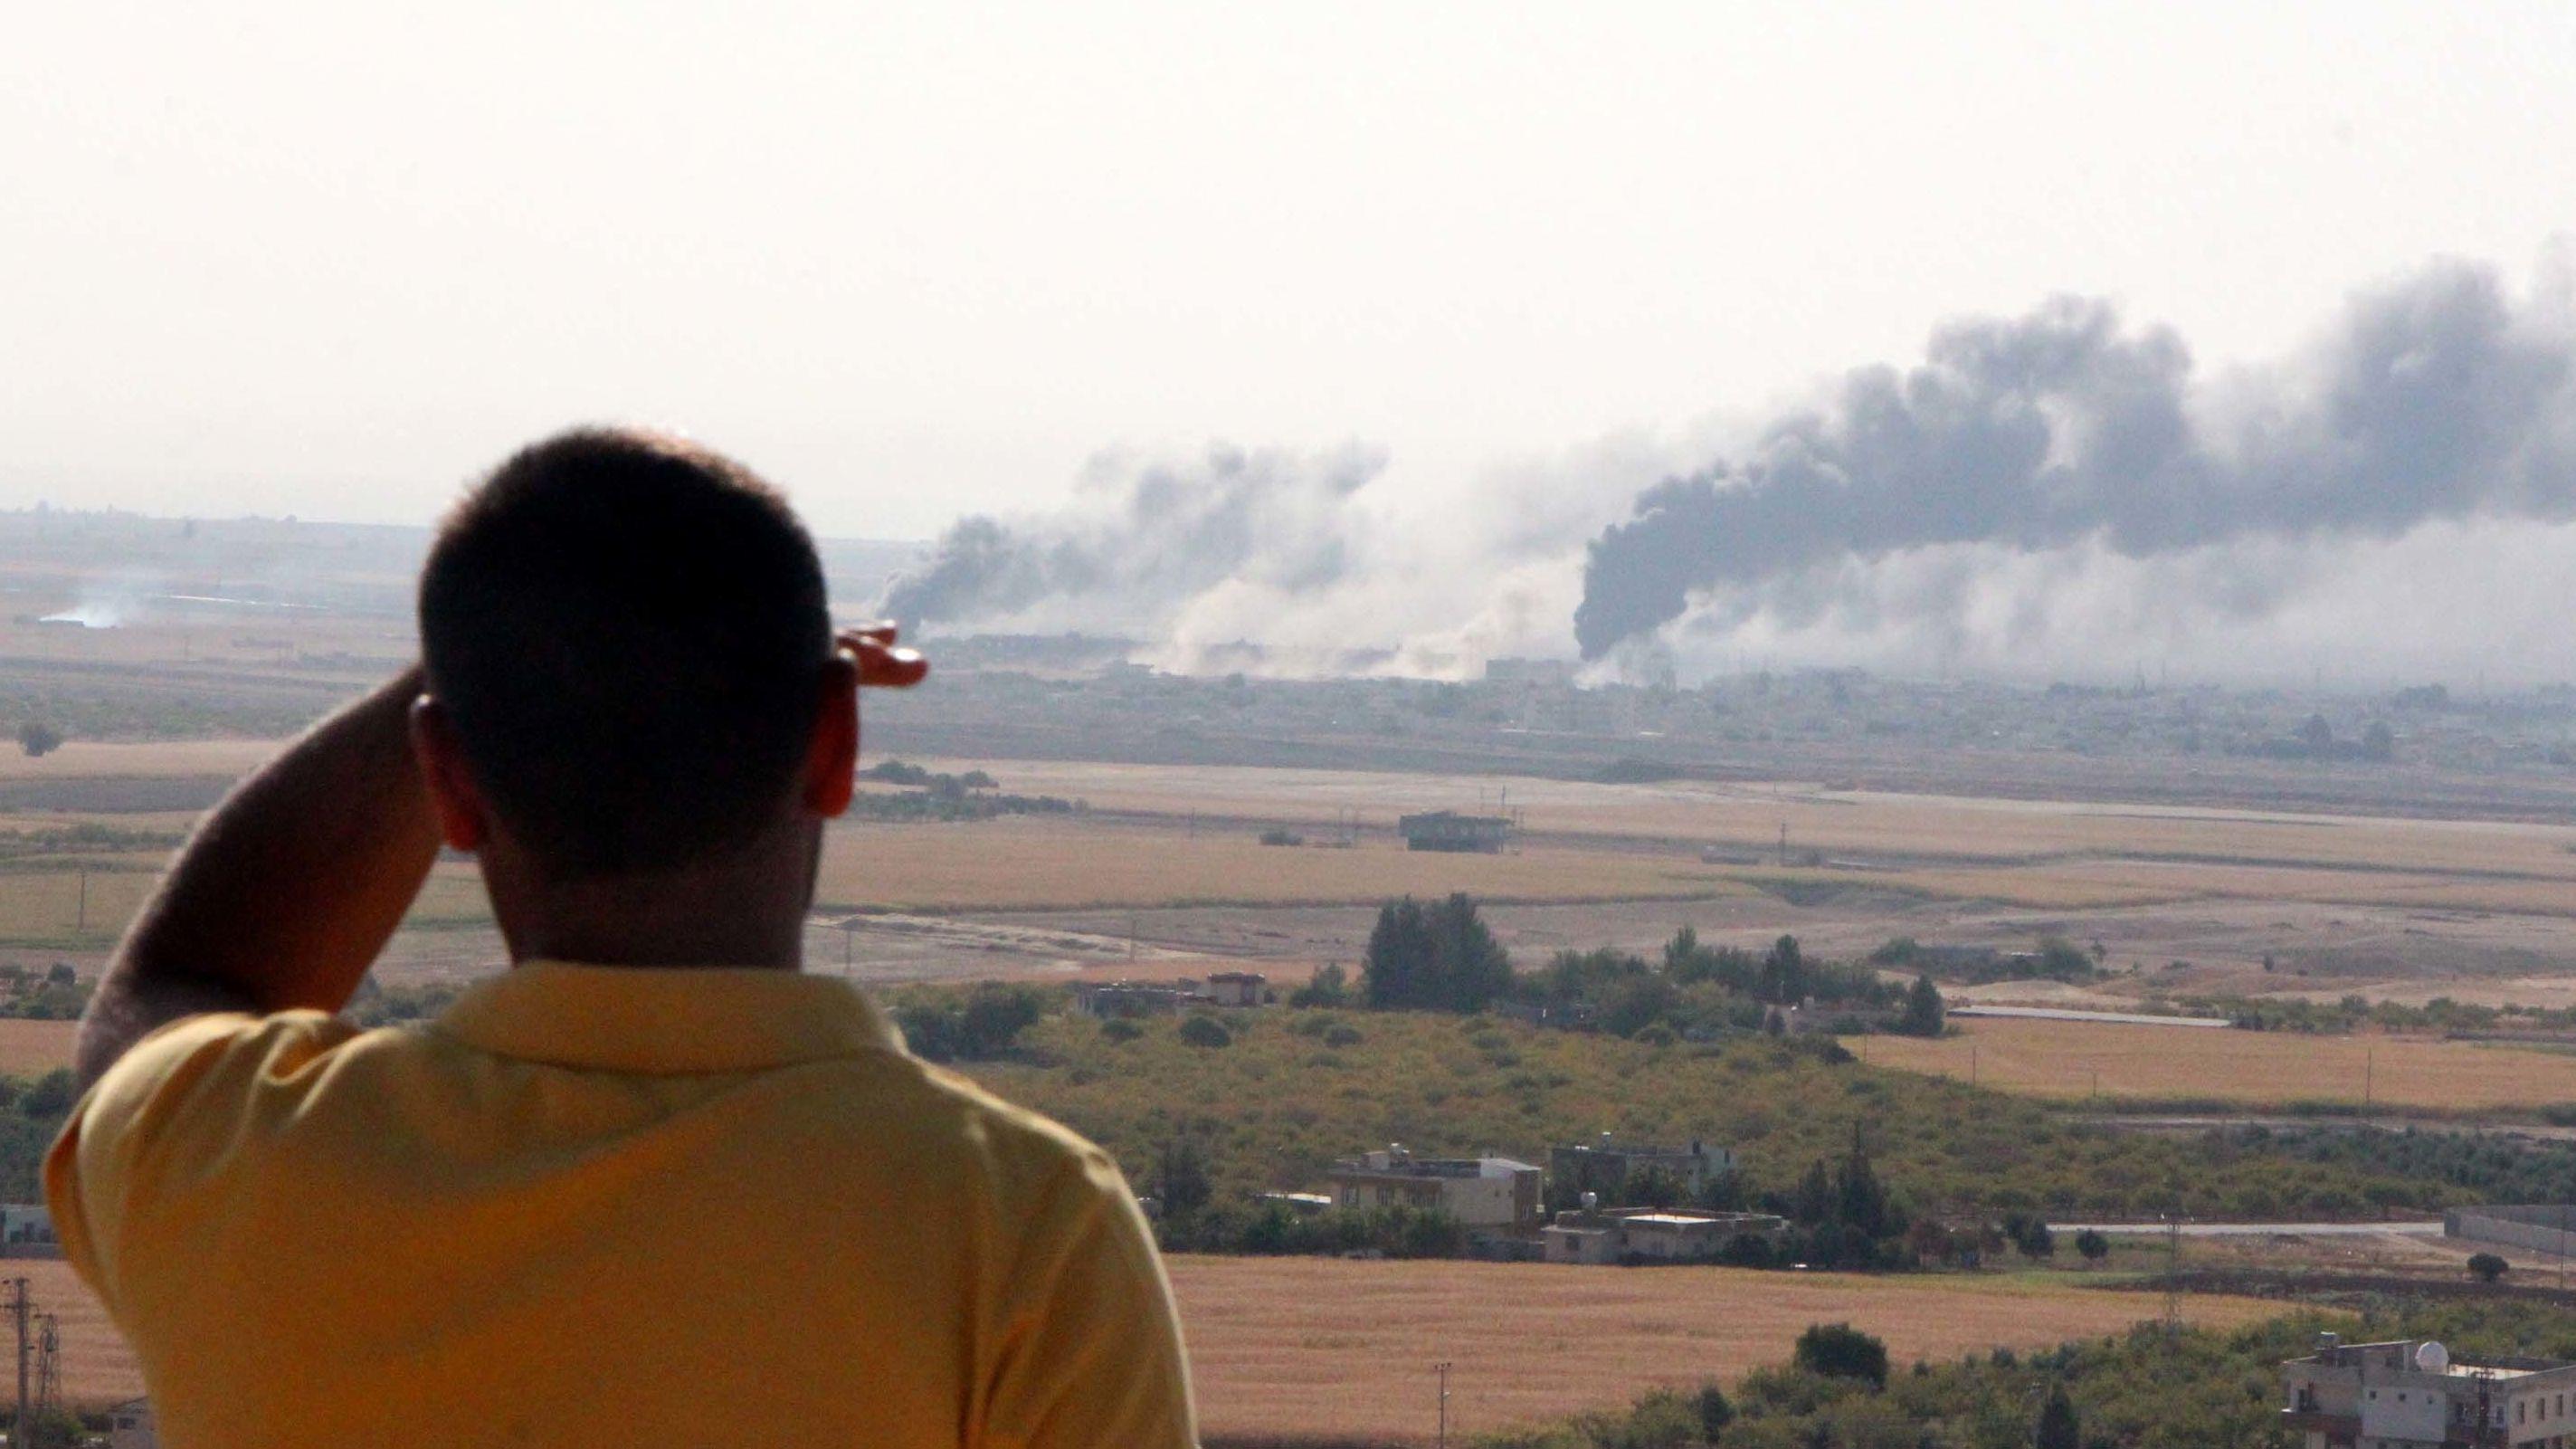 Ein Mann blickt auf die Stadt Ras al-Ain, aus der Rauchschwaden aufsteigen.